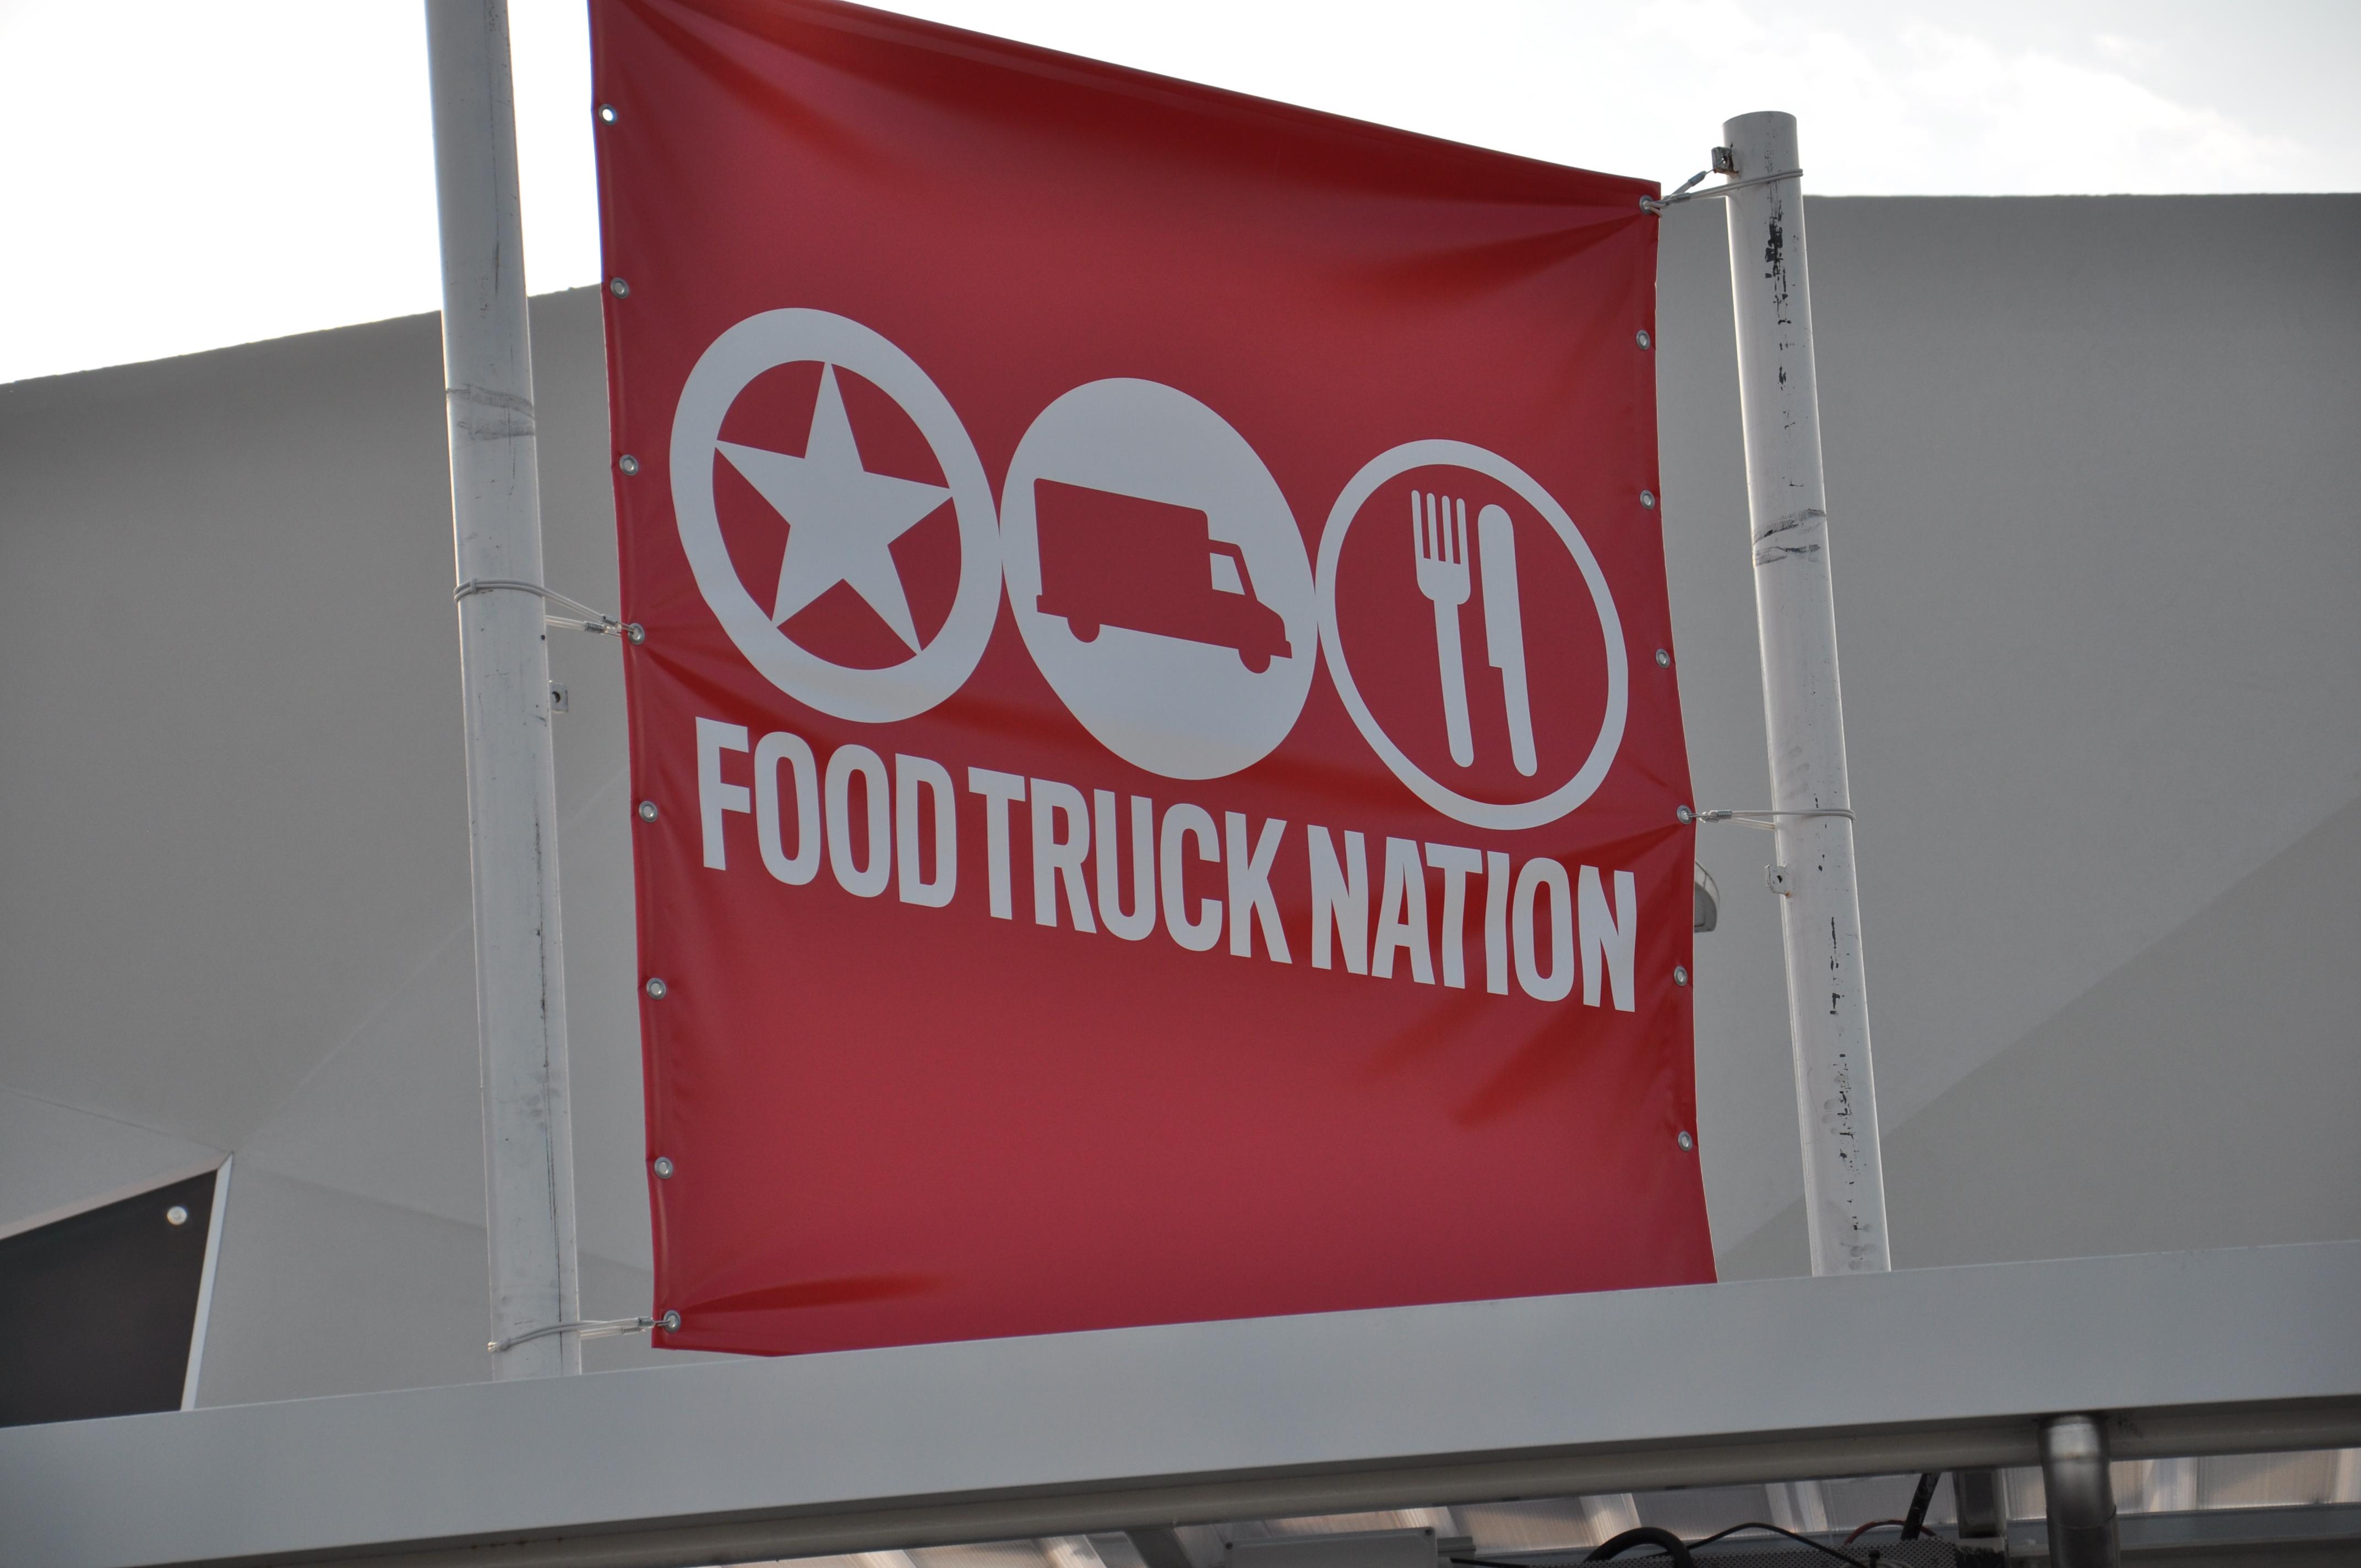 מתחם האוכל האמריקאי-מדינת האוטואוכל